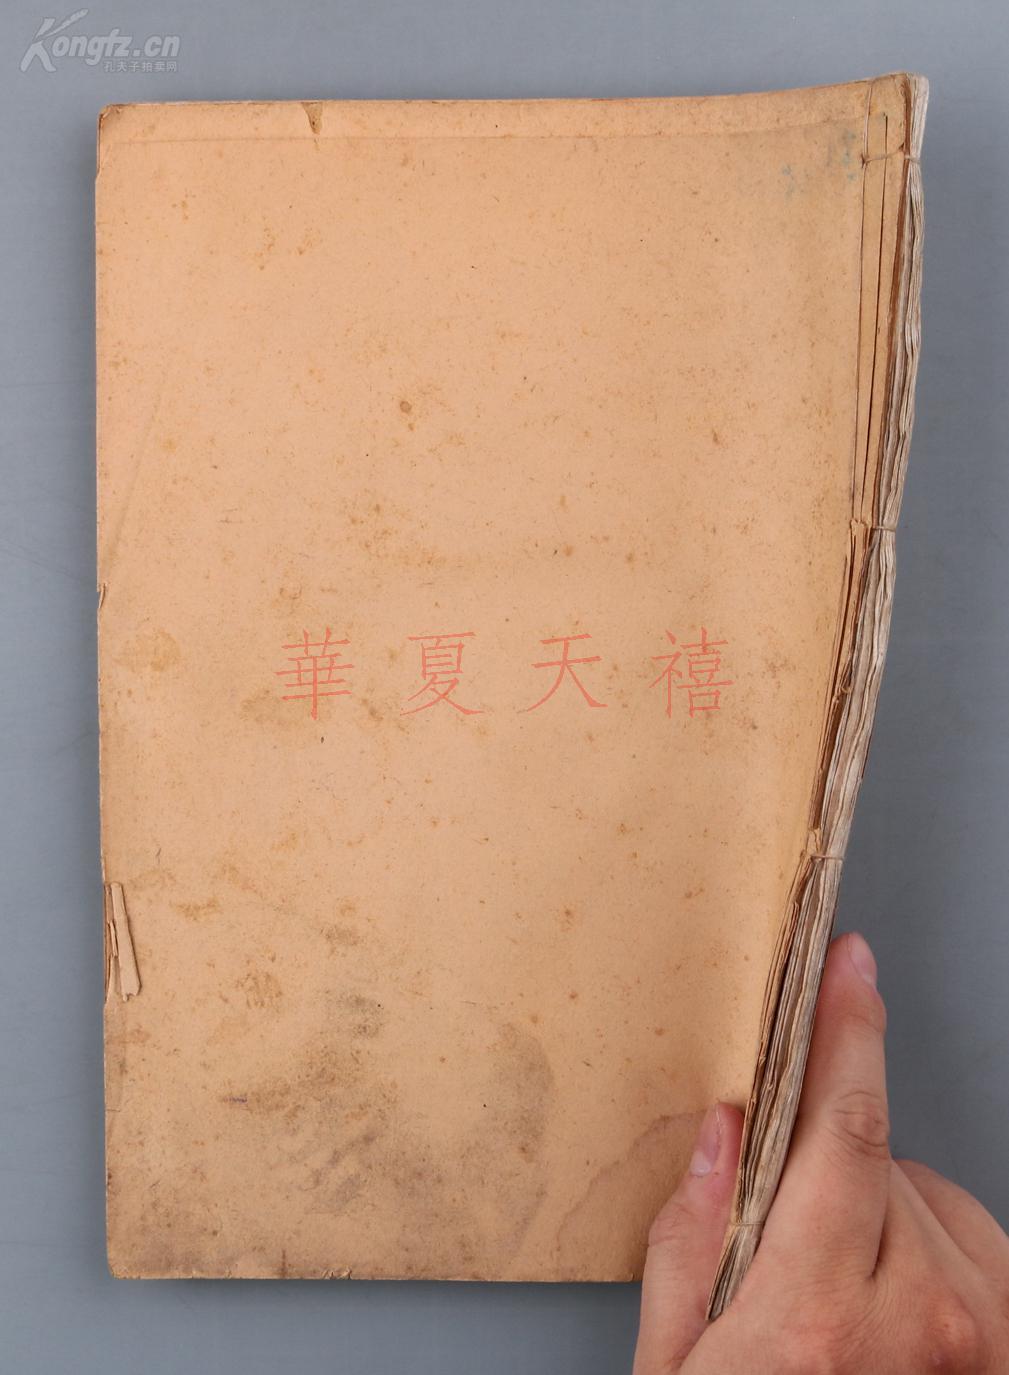 著名教育家、文字学家、历史学家林汉达195上很初中累图片